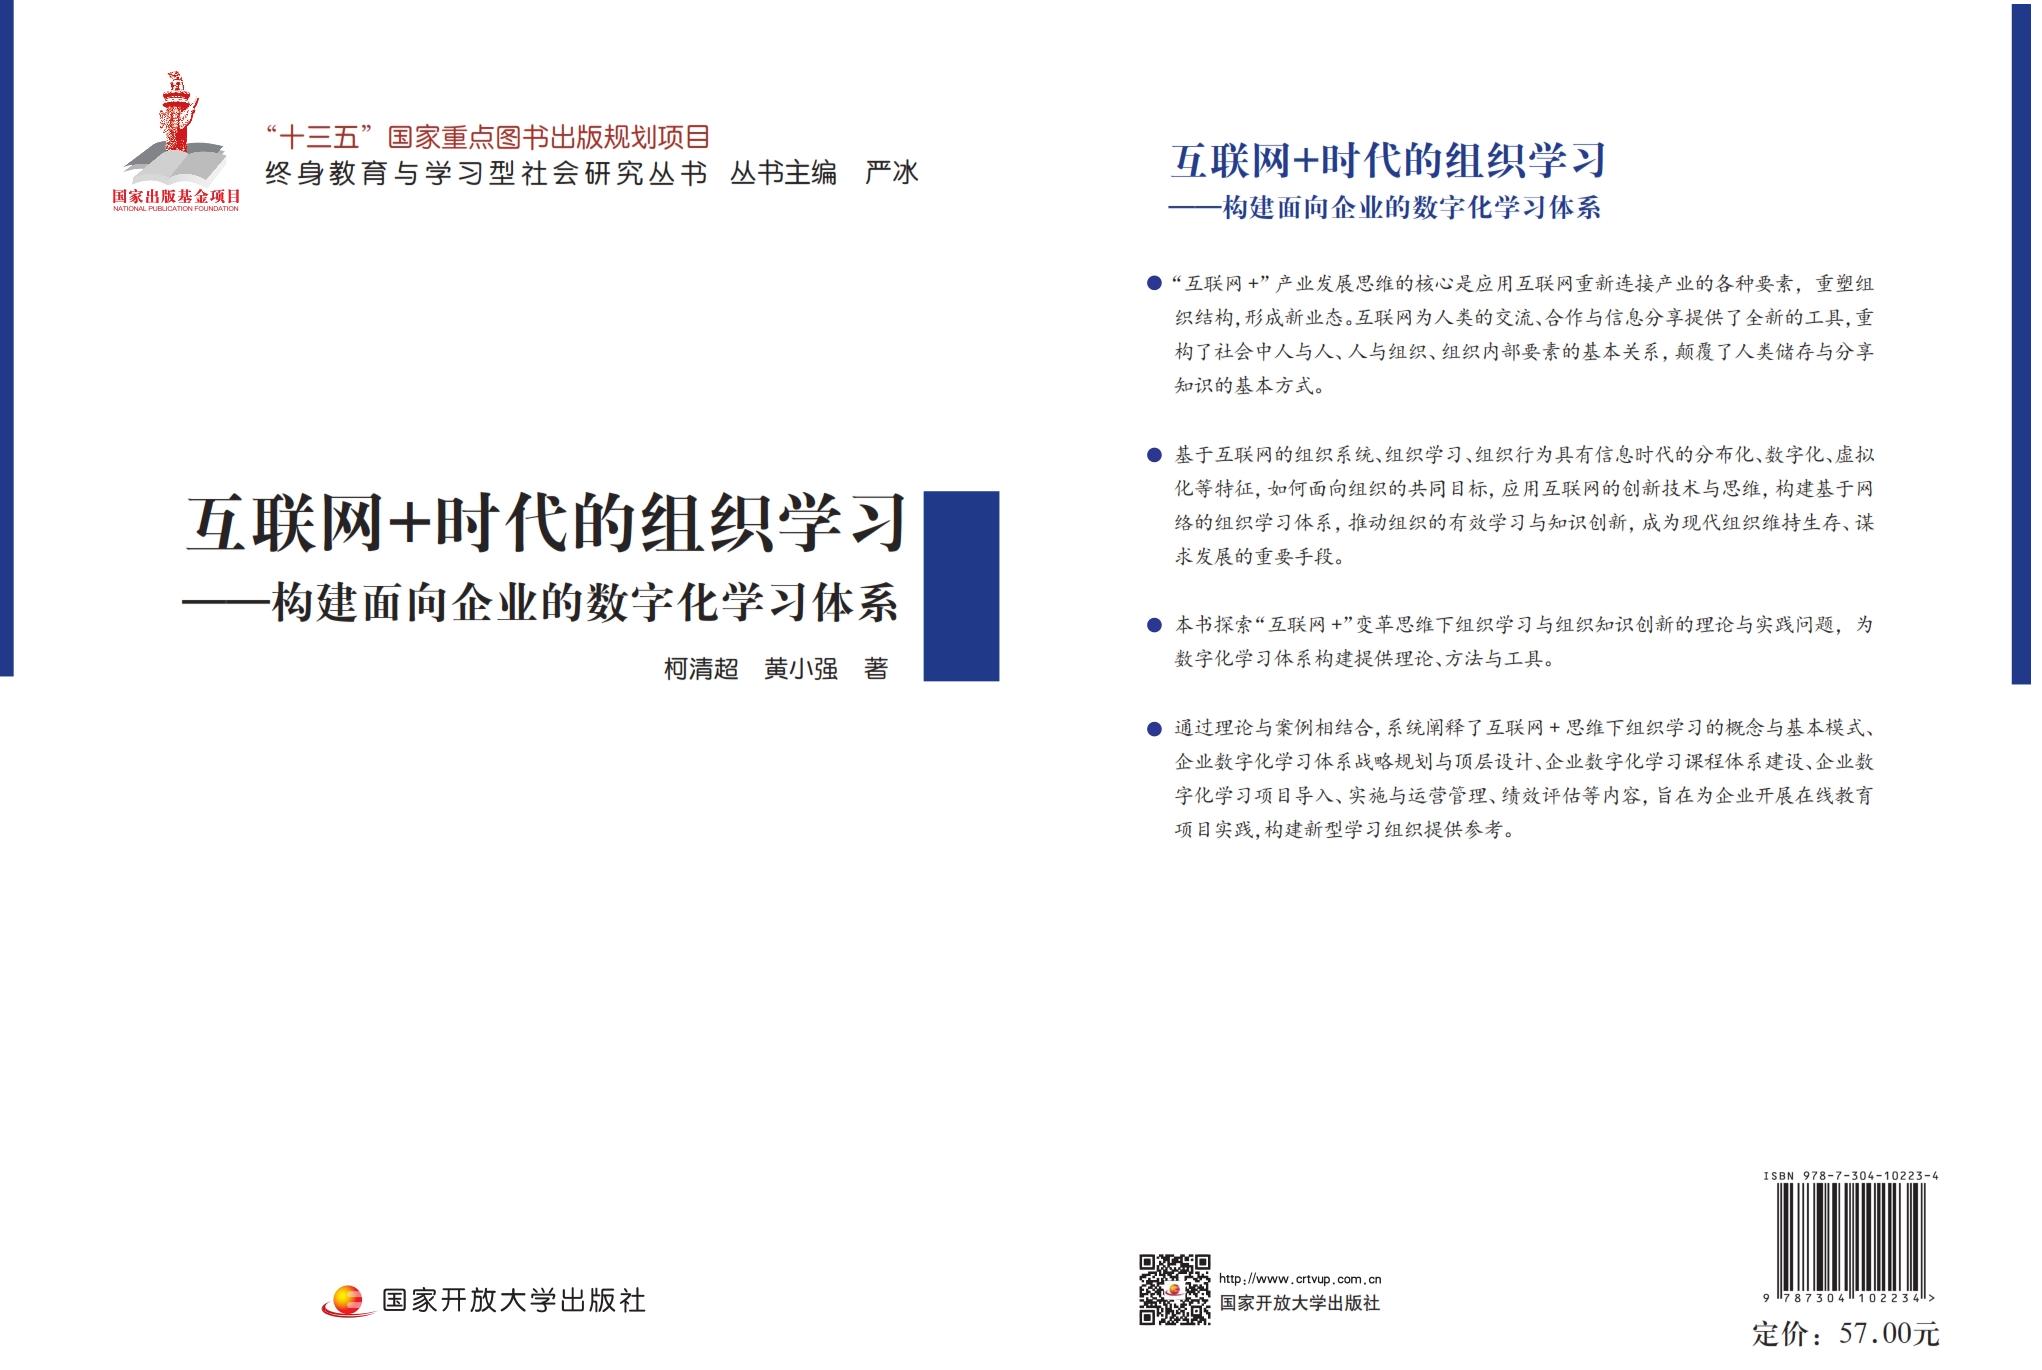 著作:《互联网时代的组织学习:构建面向企业的数字化学习体系》出版